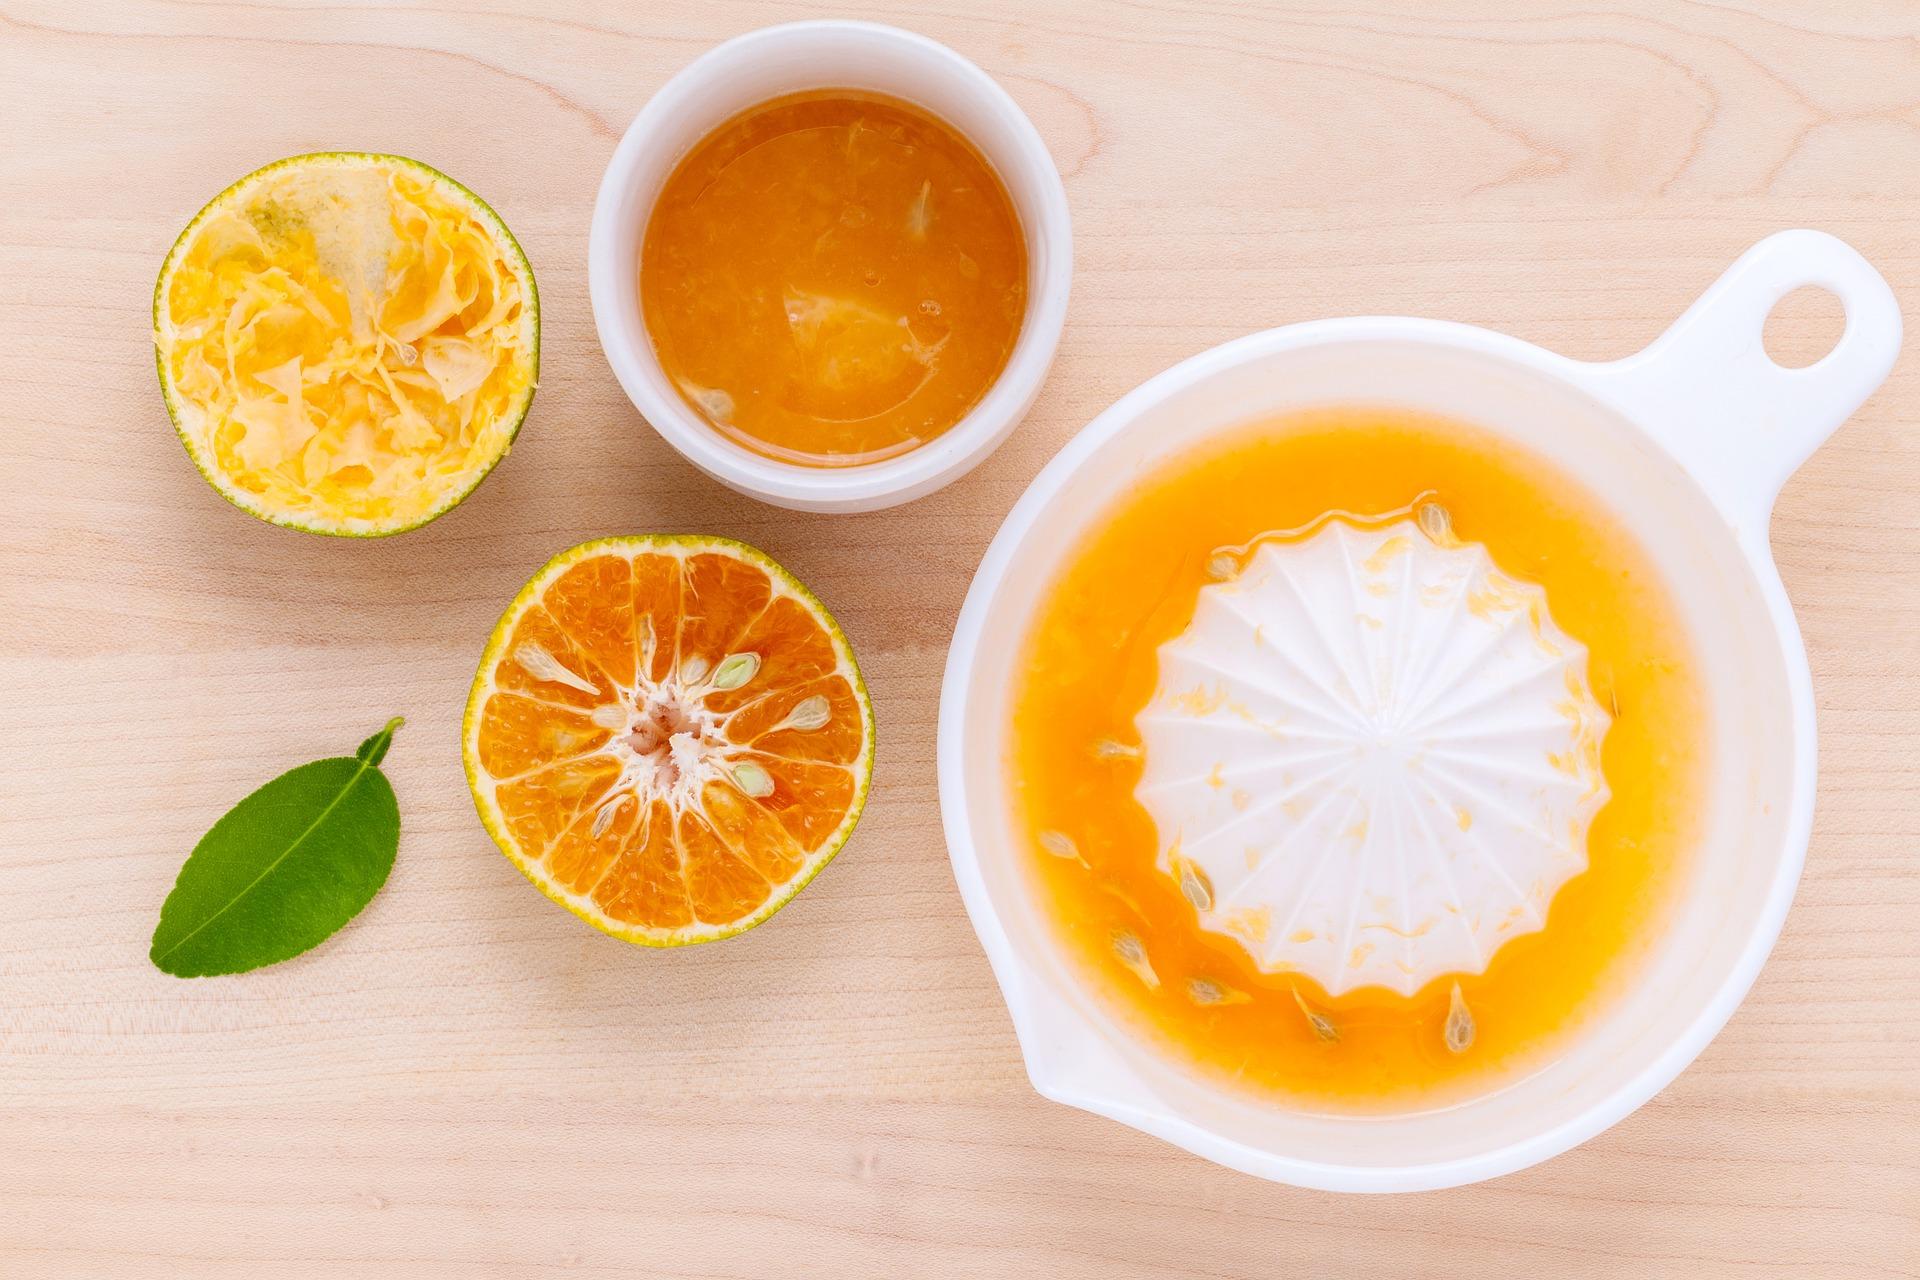 Erfrischende Maracuja-Orangen-Limonade